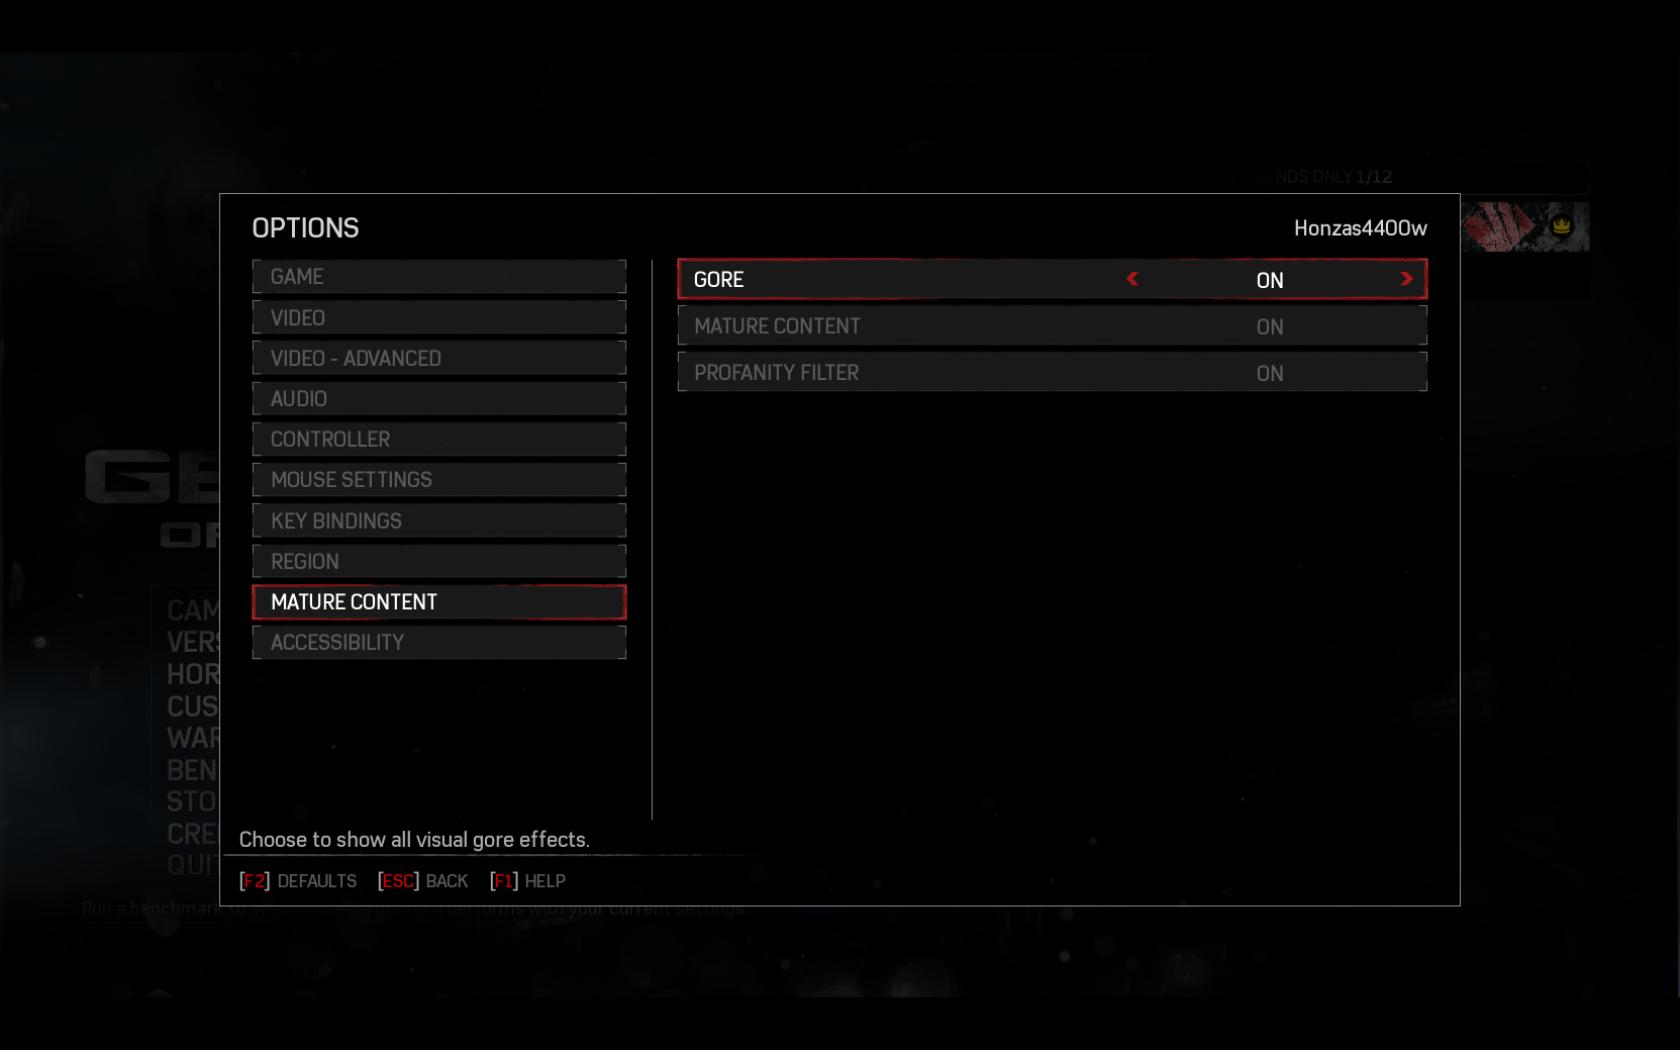 PC verze Gears of War 4 si zaslouží velkou pochvalu 131669